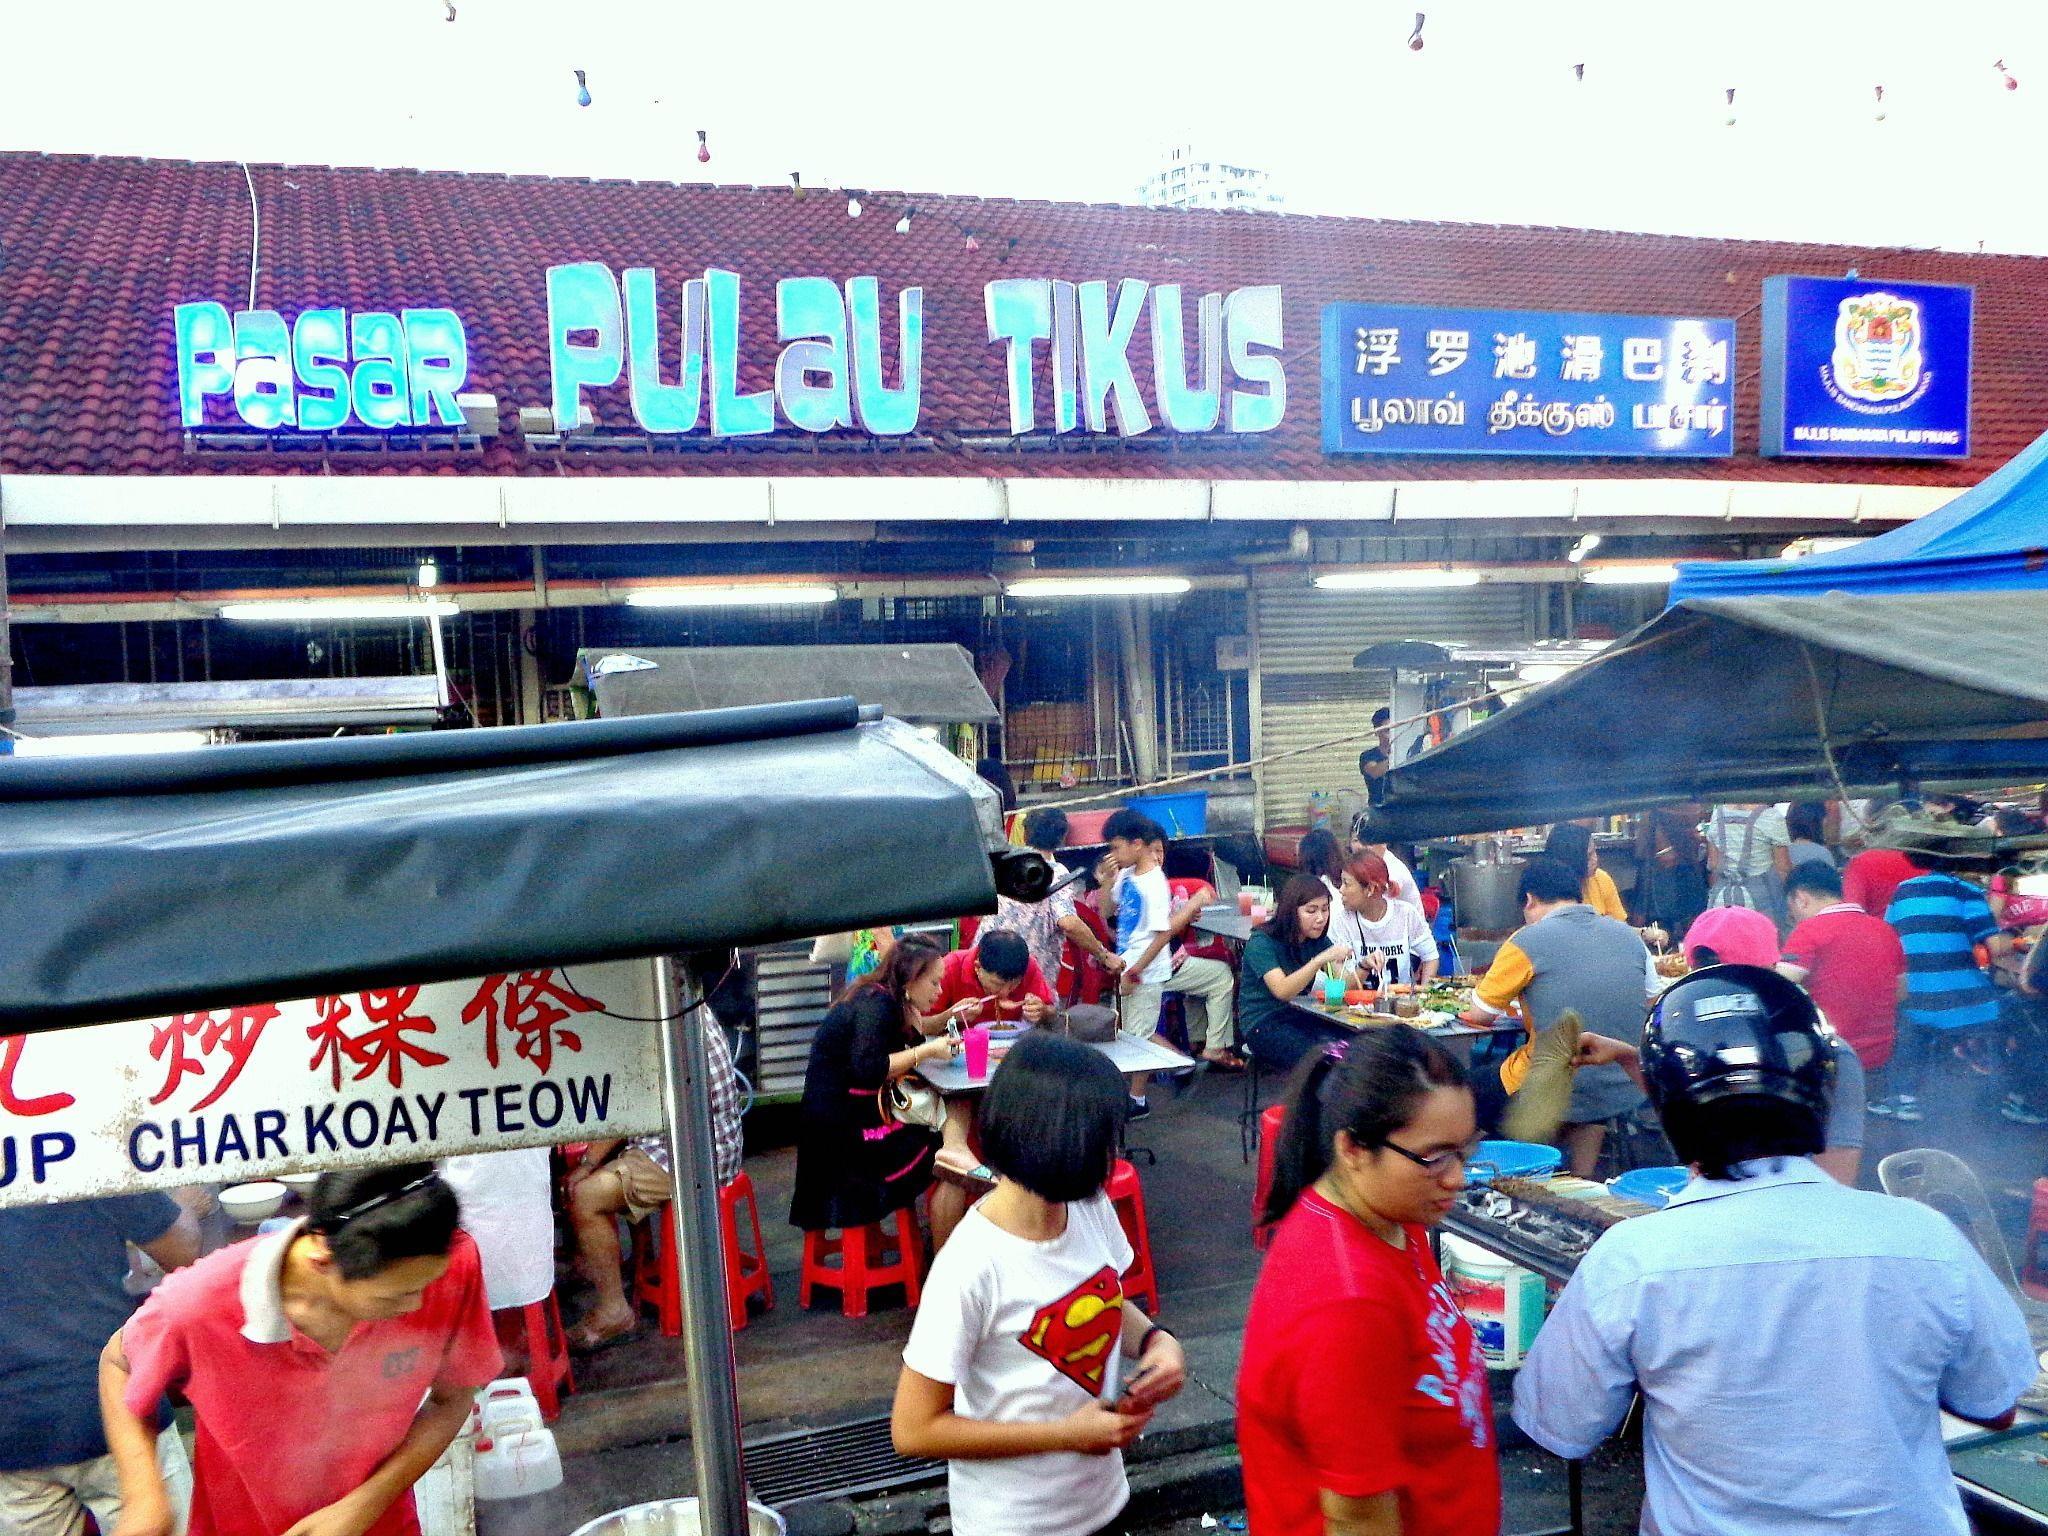 Pulau Tikus Market